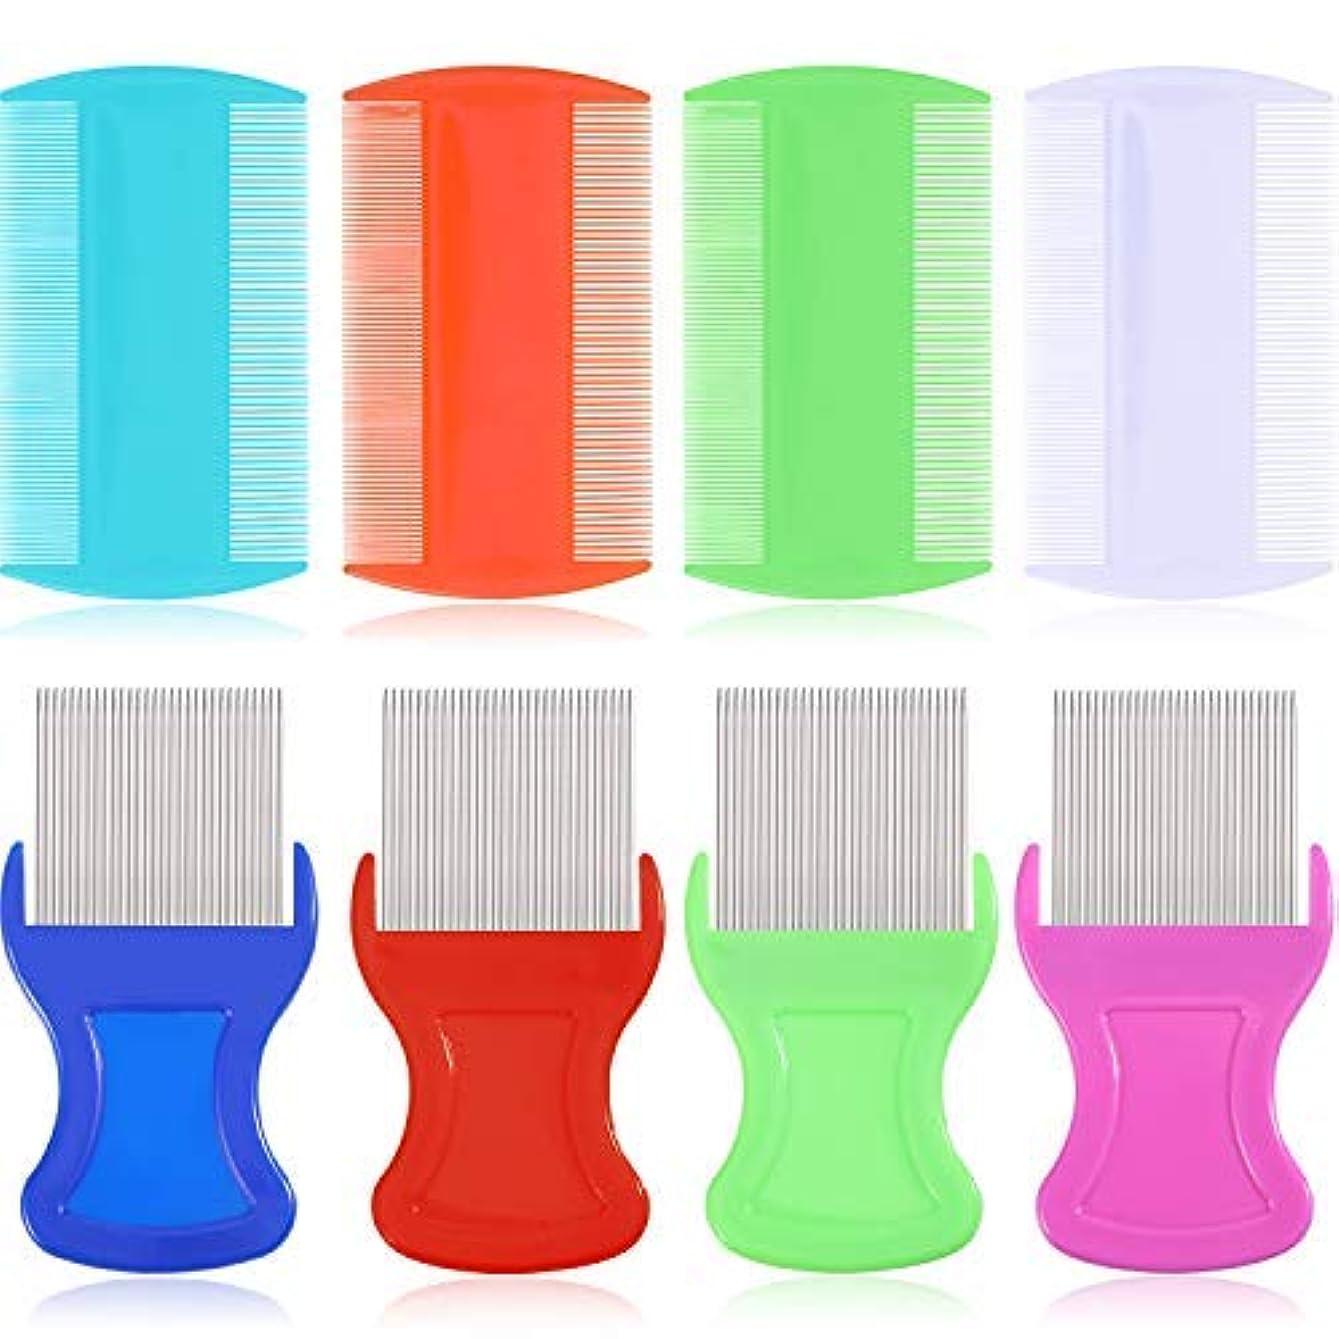 改善する同意するめる8 Pieces Flea Lice Comb Lice Removal Combs Include 4 Pieces Nit Remover with Metal Teeth and 4 Pieces Double Sided...